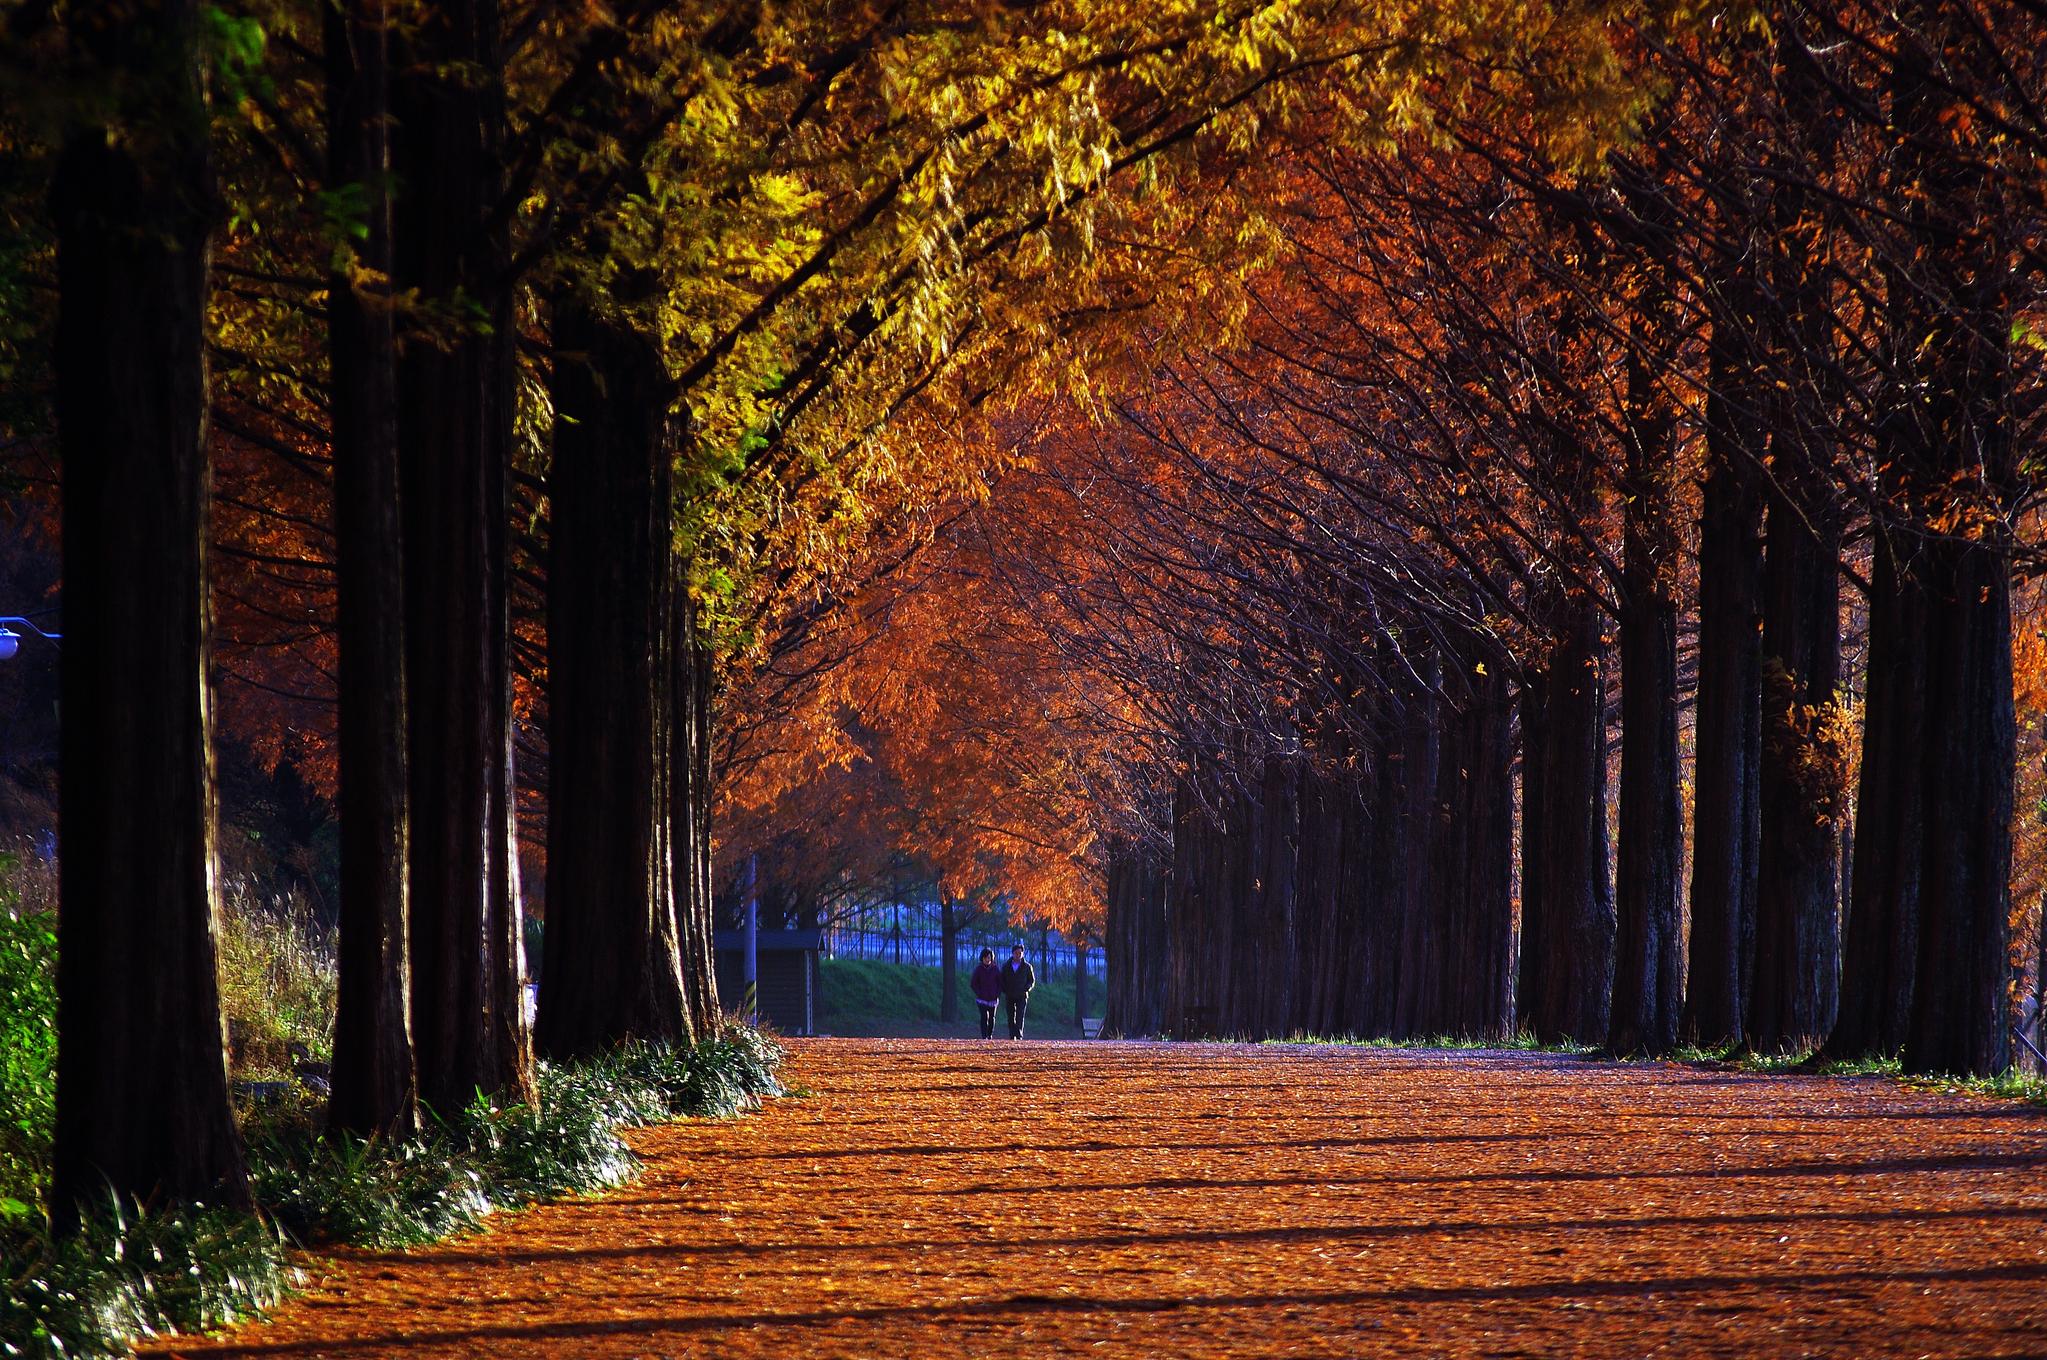 전남 담양 메타세쿼이아길. 2㎞ 남짓한 평평한 길이어서 걷기에 부담이 없다. 이왕이면 무르익은 가을, 해 질 녘 나무줄기 사이로 길게 햇볕이 들어올 때 걷기를 권한다. 붉은 터널을 이룬 나무를 감상하고, 융단처럼 고운 낙엽을 지르밟으면 깊은 평온이 다가온다. [사진 장태동]